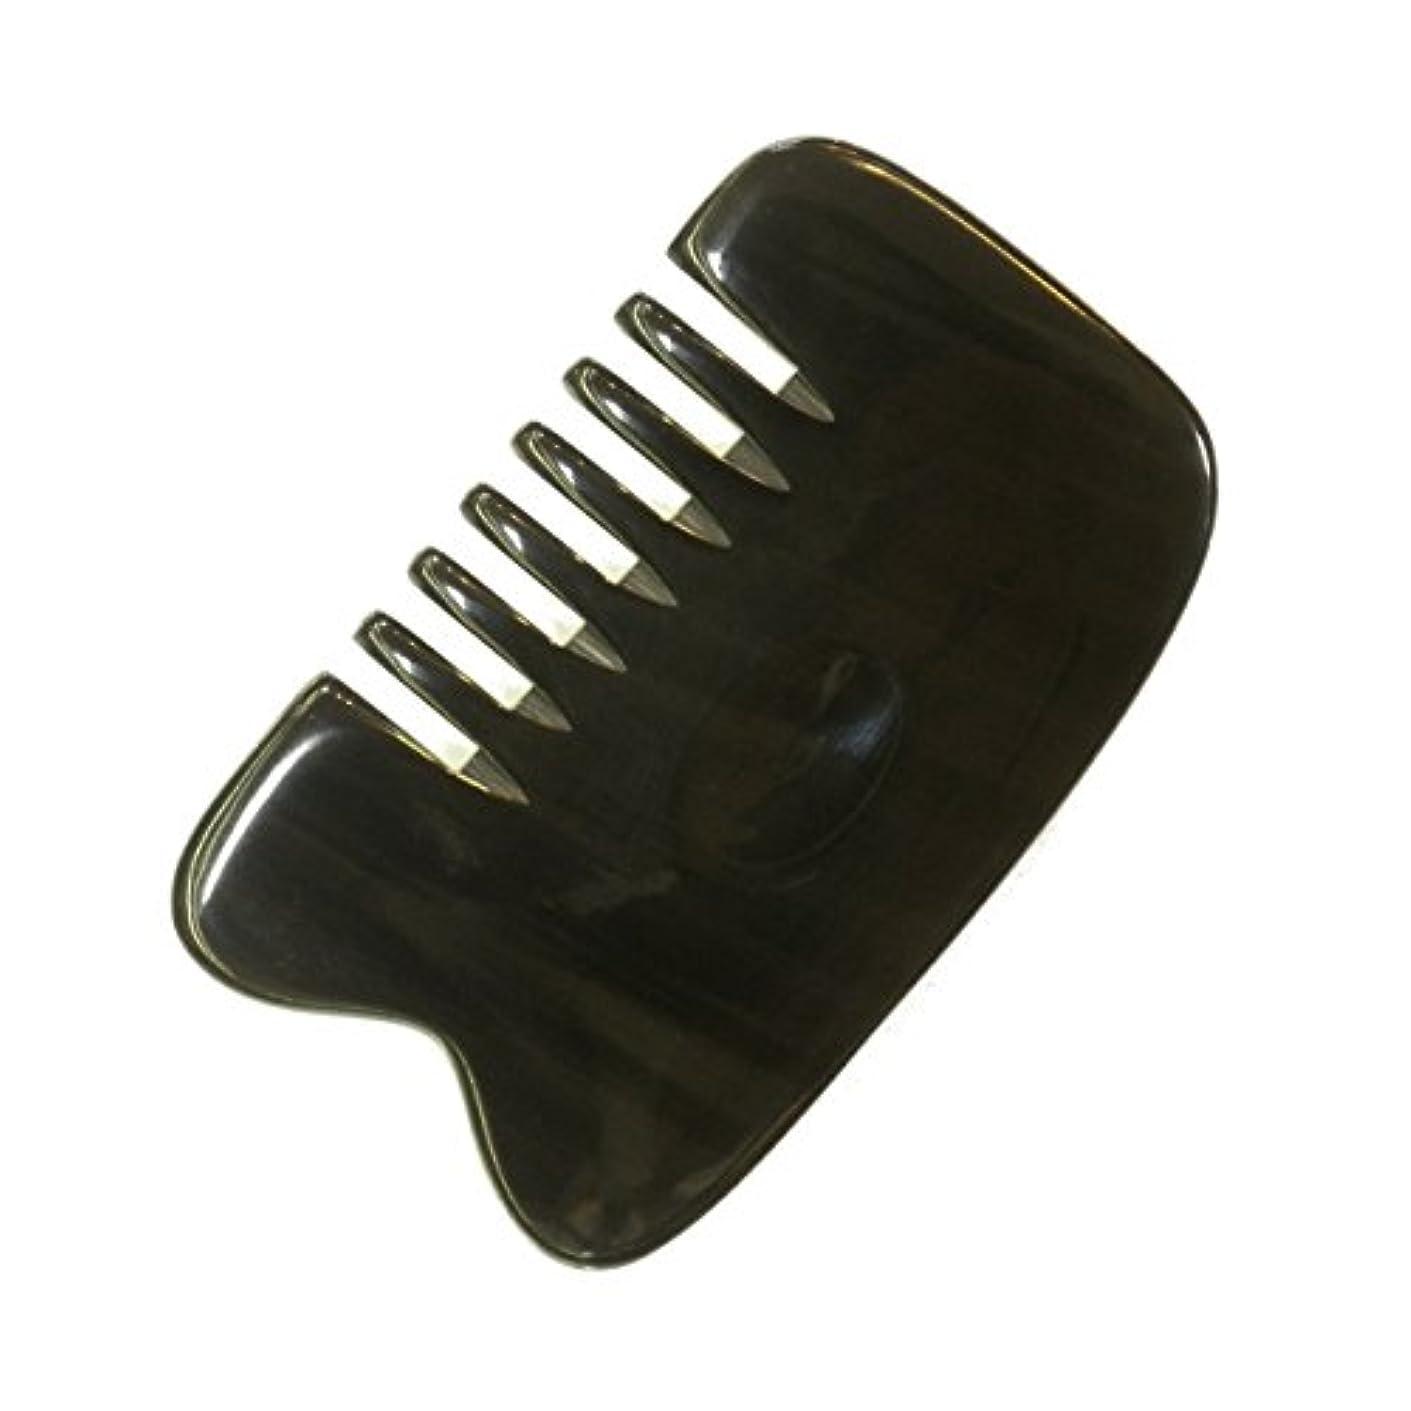 かっさ プレート 厚さが選べる 水牛の角(黒水牛角) EHE221SP 櫛型 特級品 特厚(9ミリ程度[100円加算])